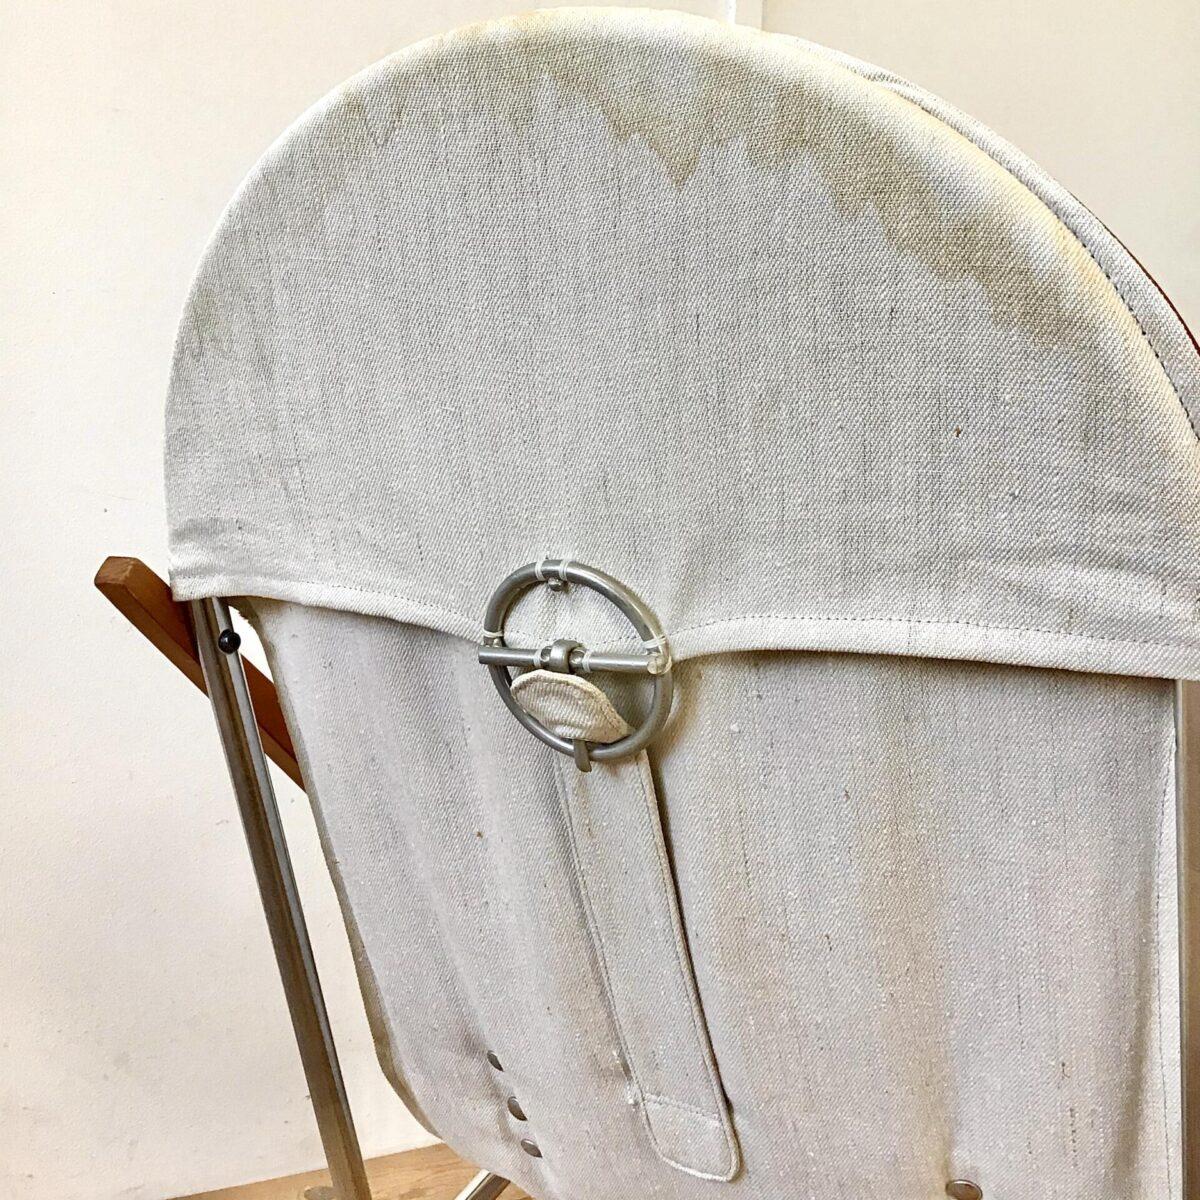 Vintage Leder Schaukelstuhl. Das Stuhlgestell besteht aus Buchenholz und verchromtem Metall. Die Sitzfläche lässt sich mit Spannschnüren under dem Leder etwas variieren. Das kleine Kissen im Rücken kann in der Höhe auf drei verschiedenen Stufen Eingeklipst werden. Die beige Stoff Rückseite hat oben leichte Wasserränder. Bezüglich Hersteller hab ich nichts rausgefunden, die Verarbeitung ist sehr sauber und qualitativ.